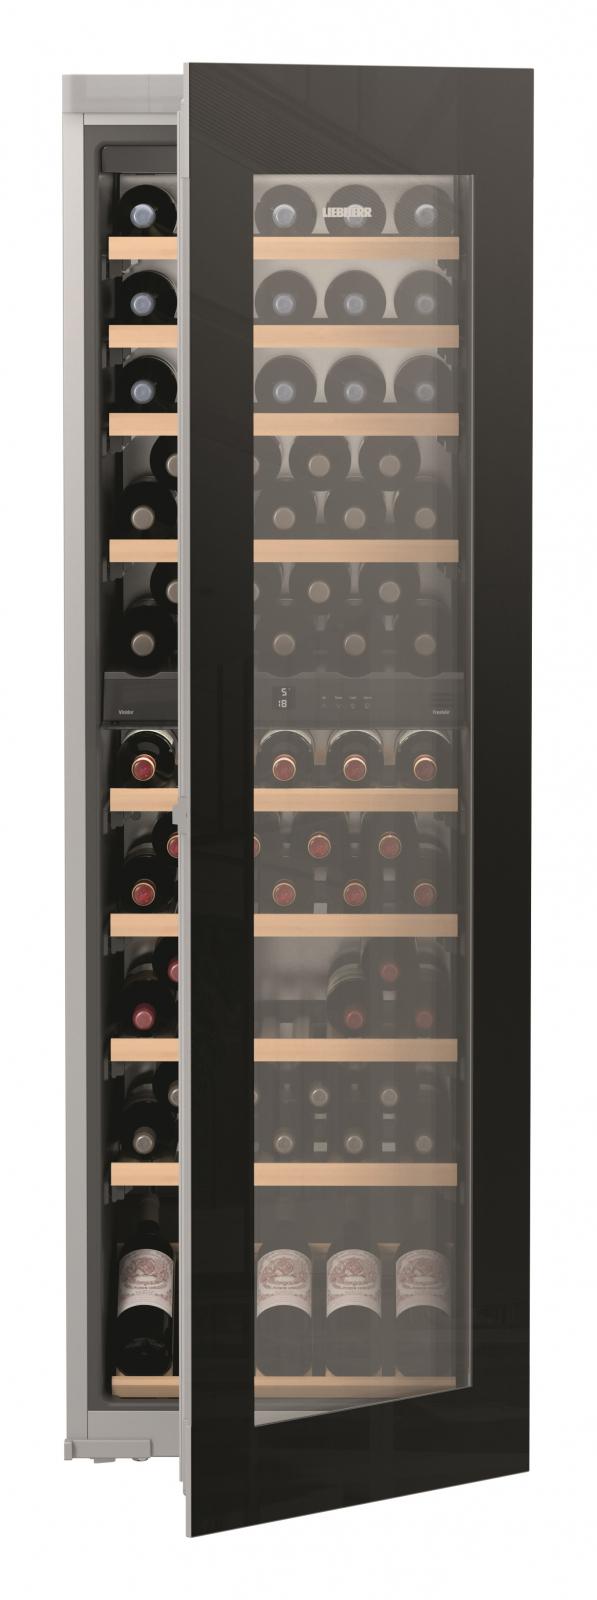 Встраиваемый винный шкаф Liebherr EWTgb 3583 купить украина